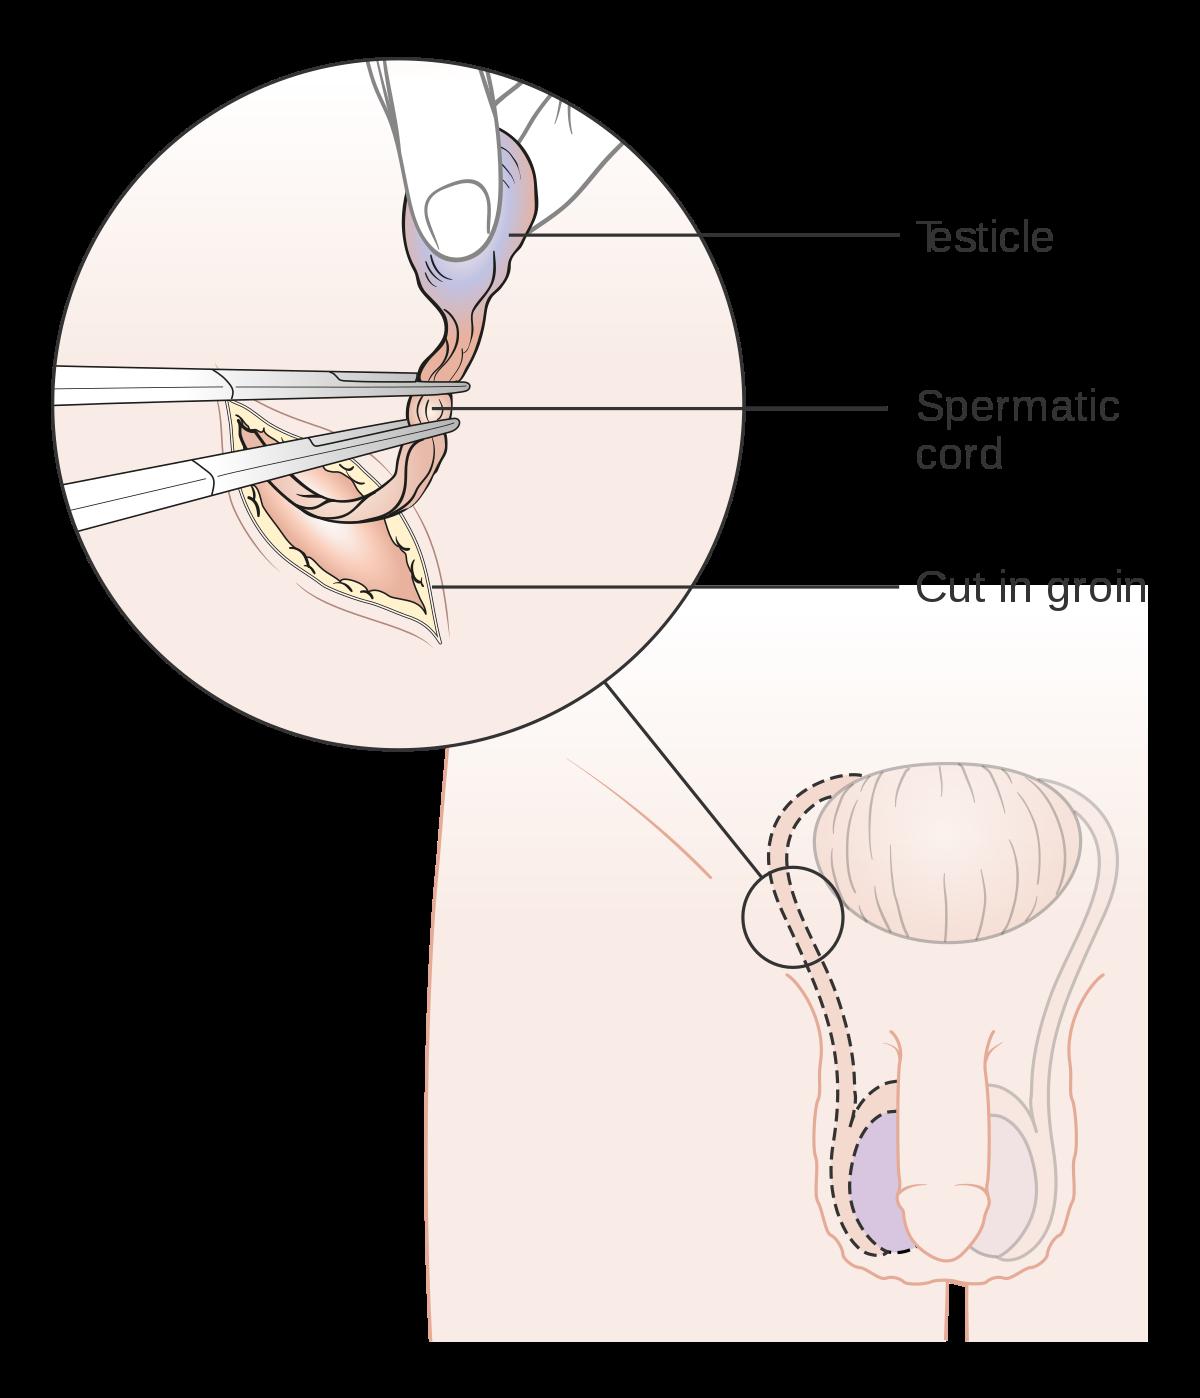 (PDF) Ginecomastia ca Semn de Prezentare Într-o Tumoră Testiculară Prezentare de Caz